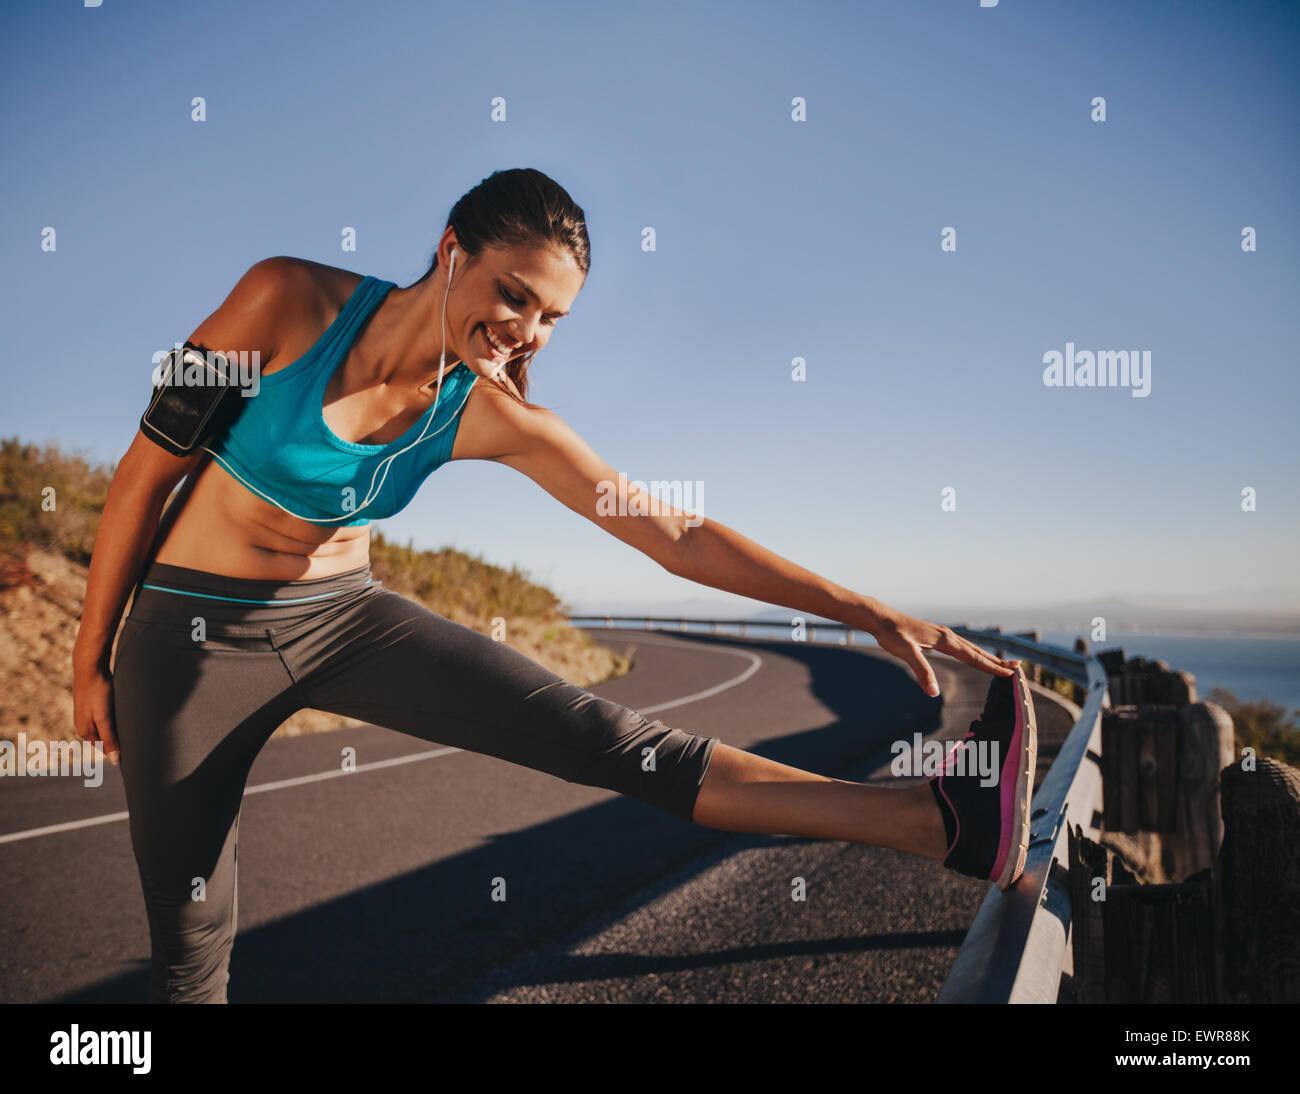 Femme sport s'étend sa jambe sur un garde-corps avant d'exécuter à l'extérieur. Photo Stock